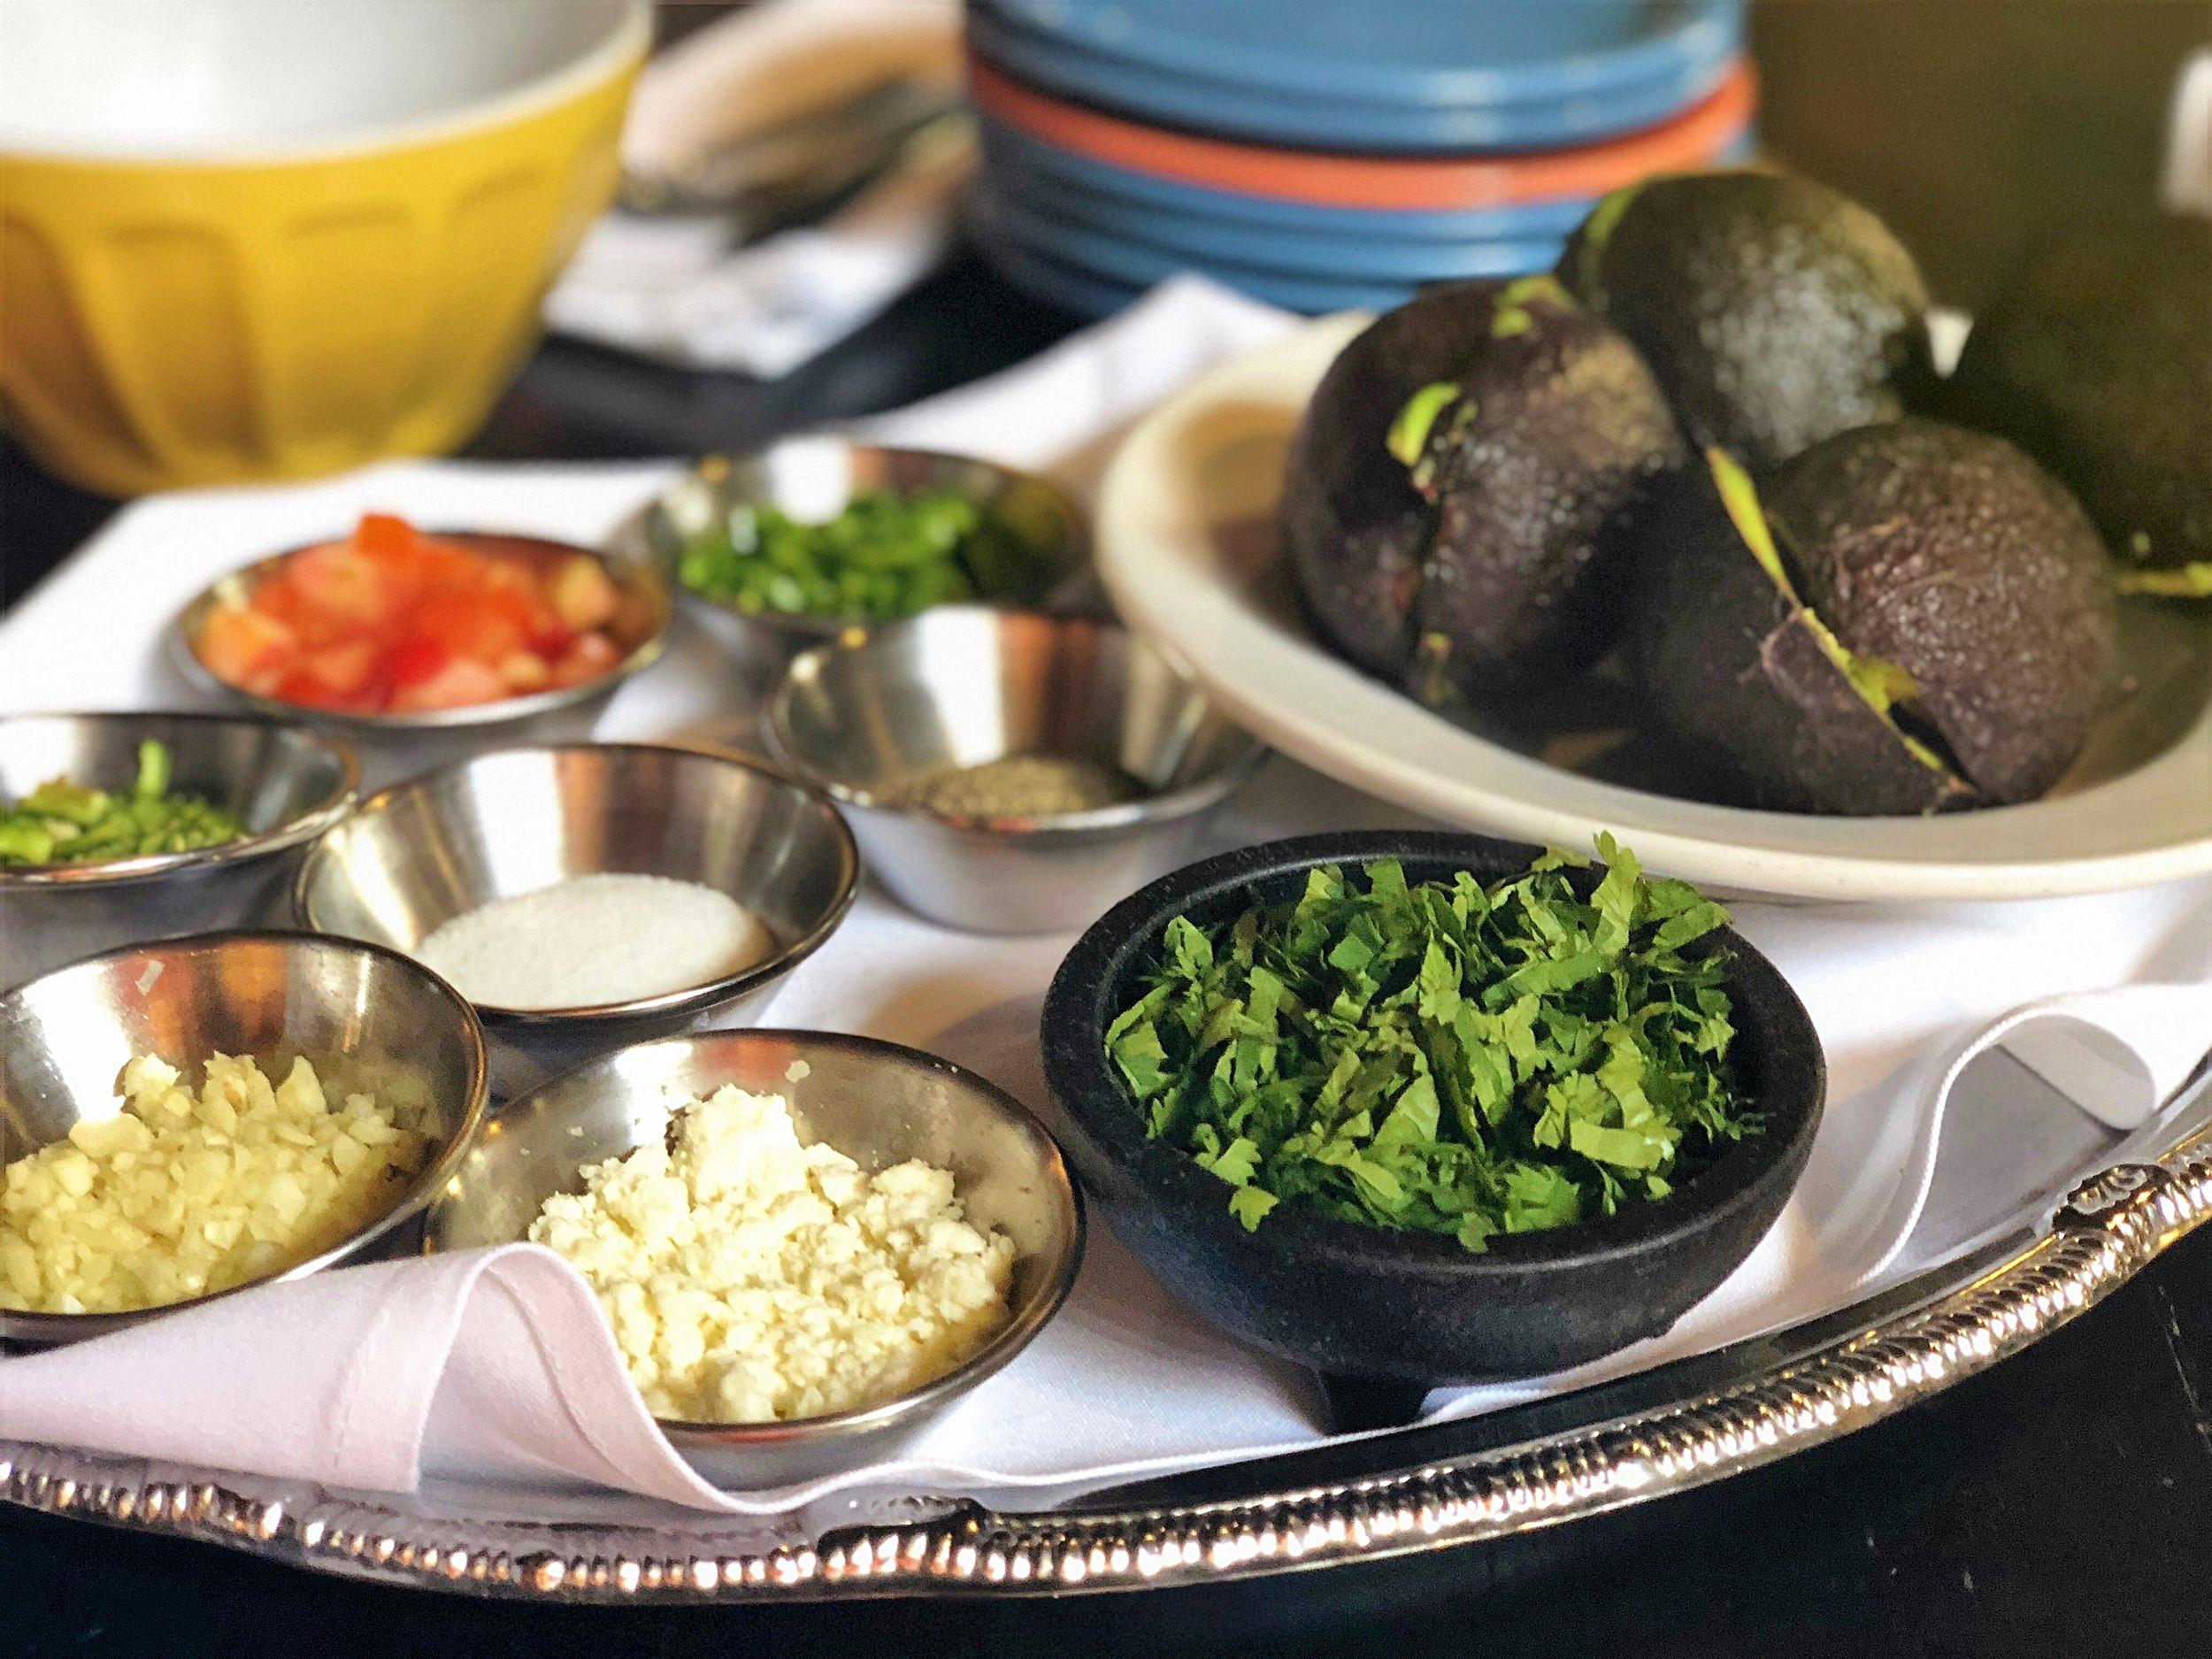 Macayo's Guacamole